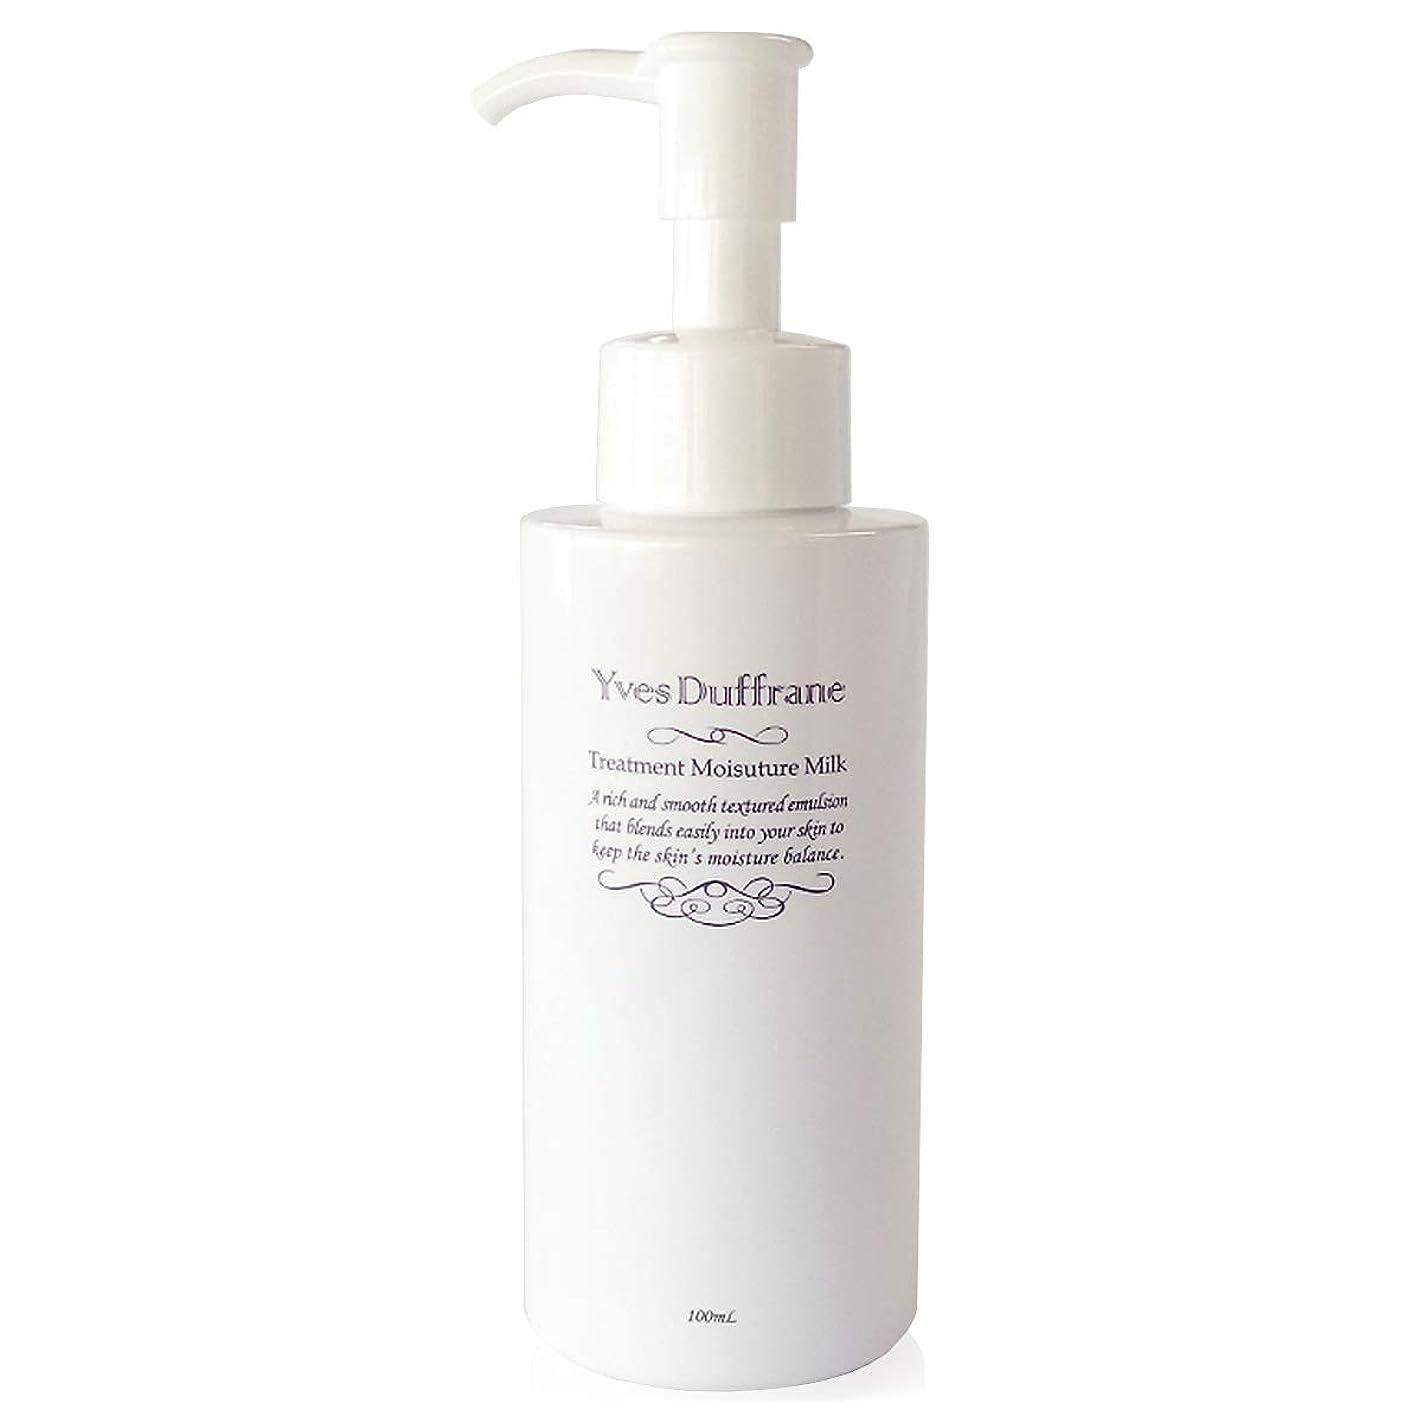 ドルさわやか冗談で乳液/セラミド アミノ酸 配合 [ 美容乳液 ] 増粘剤不使用 保湿 乾燥?敏感肌対応